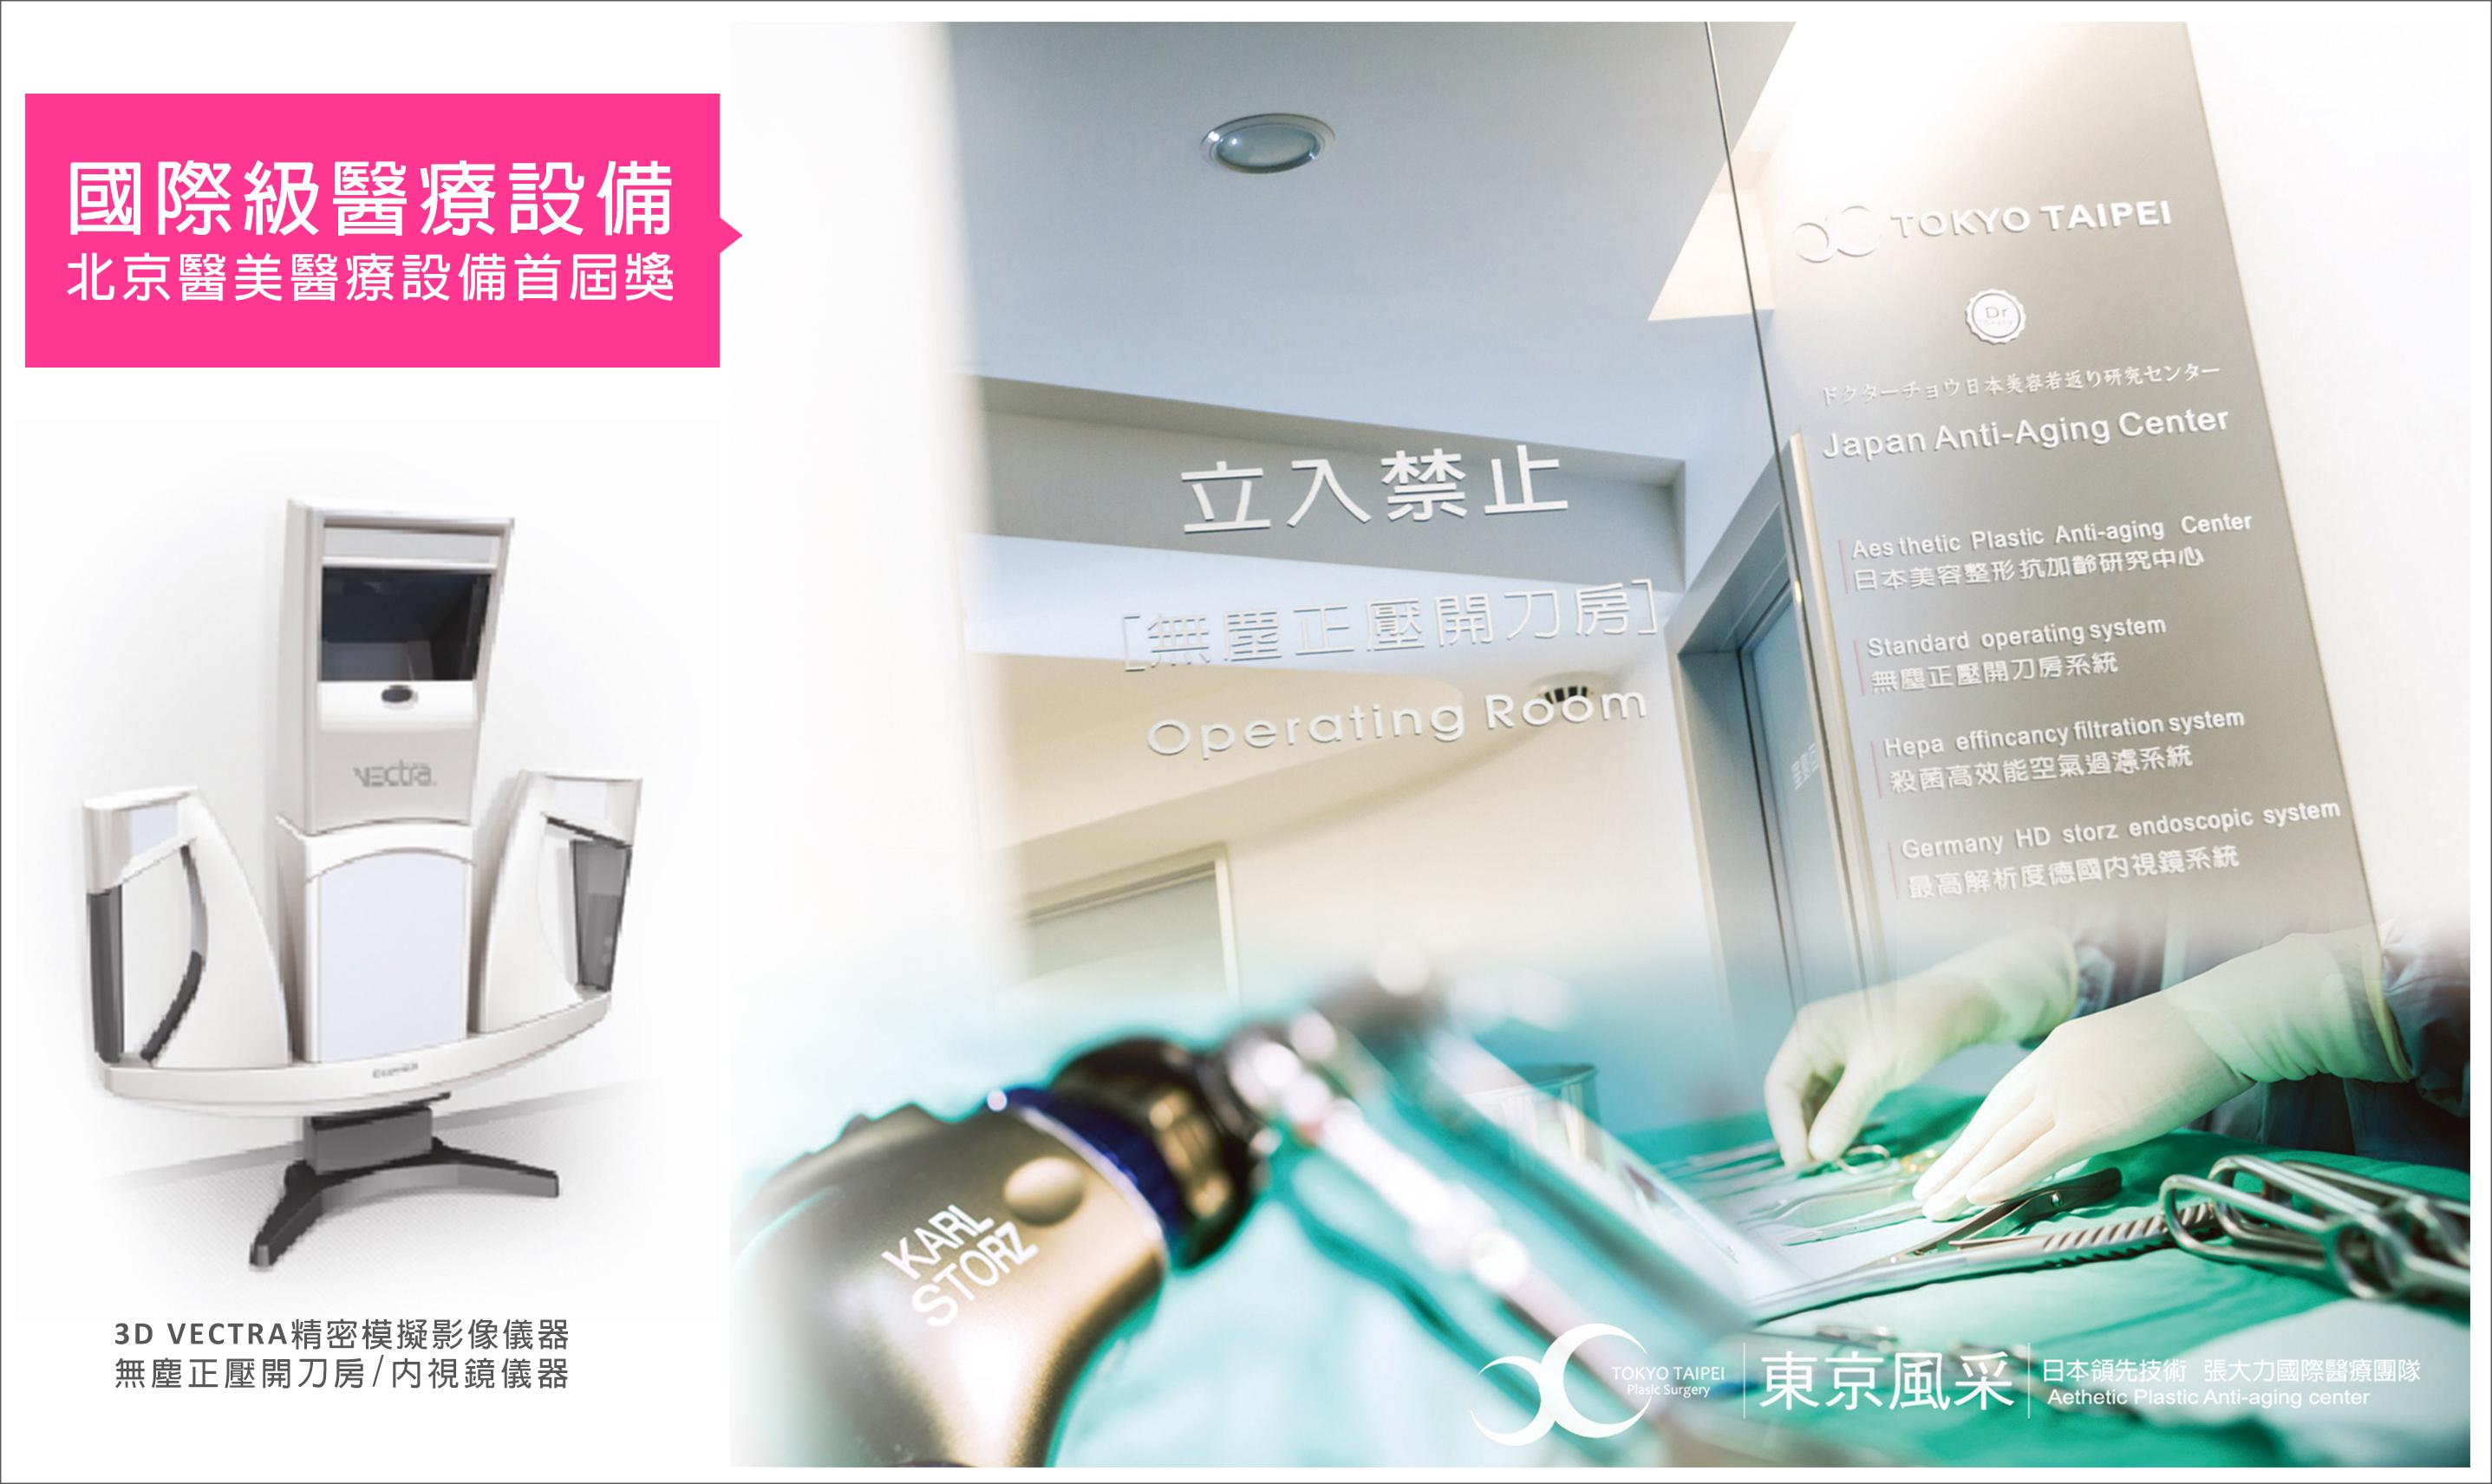 國際級醫療設備手術室讓隆乳手術更安全放心